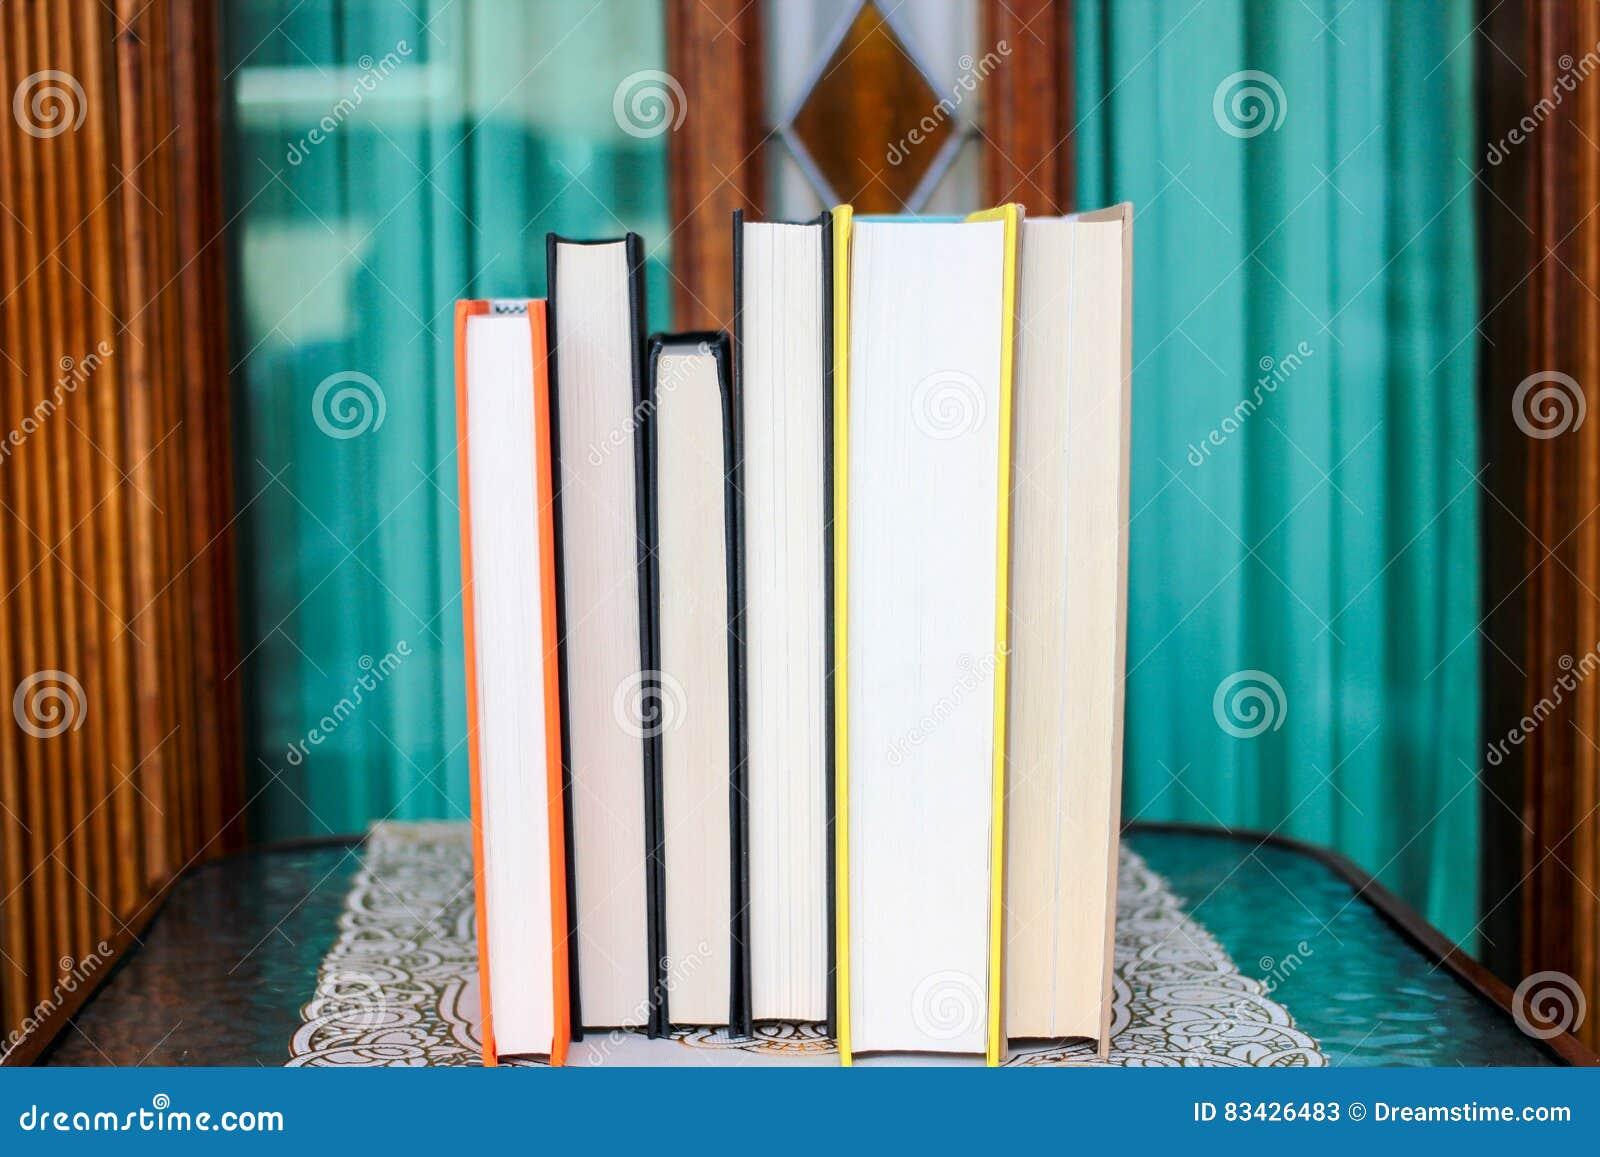 Libros a leer